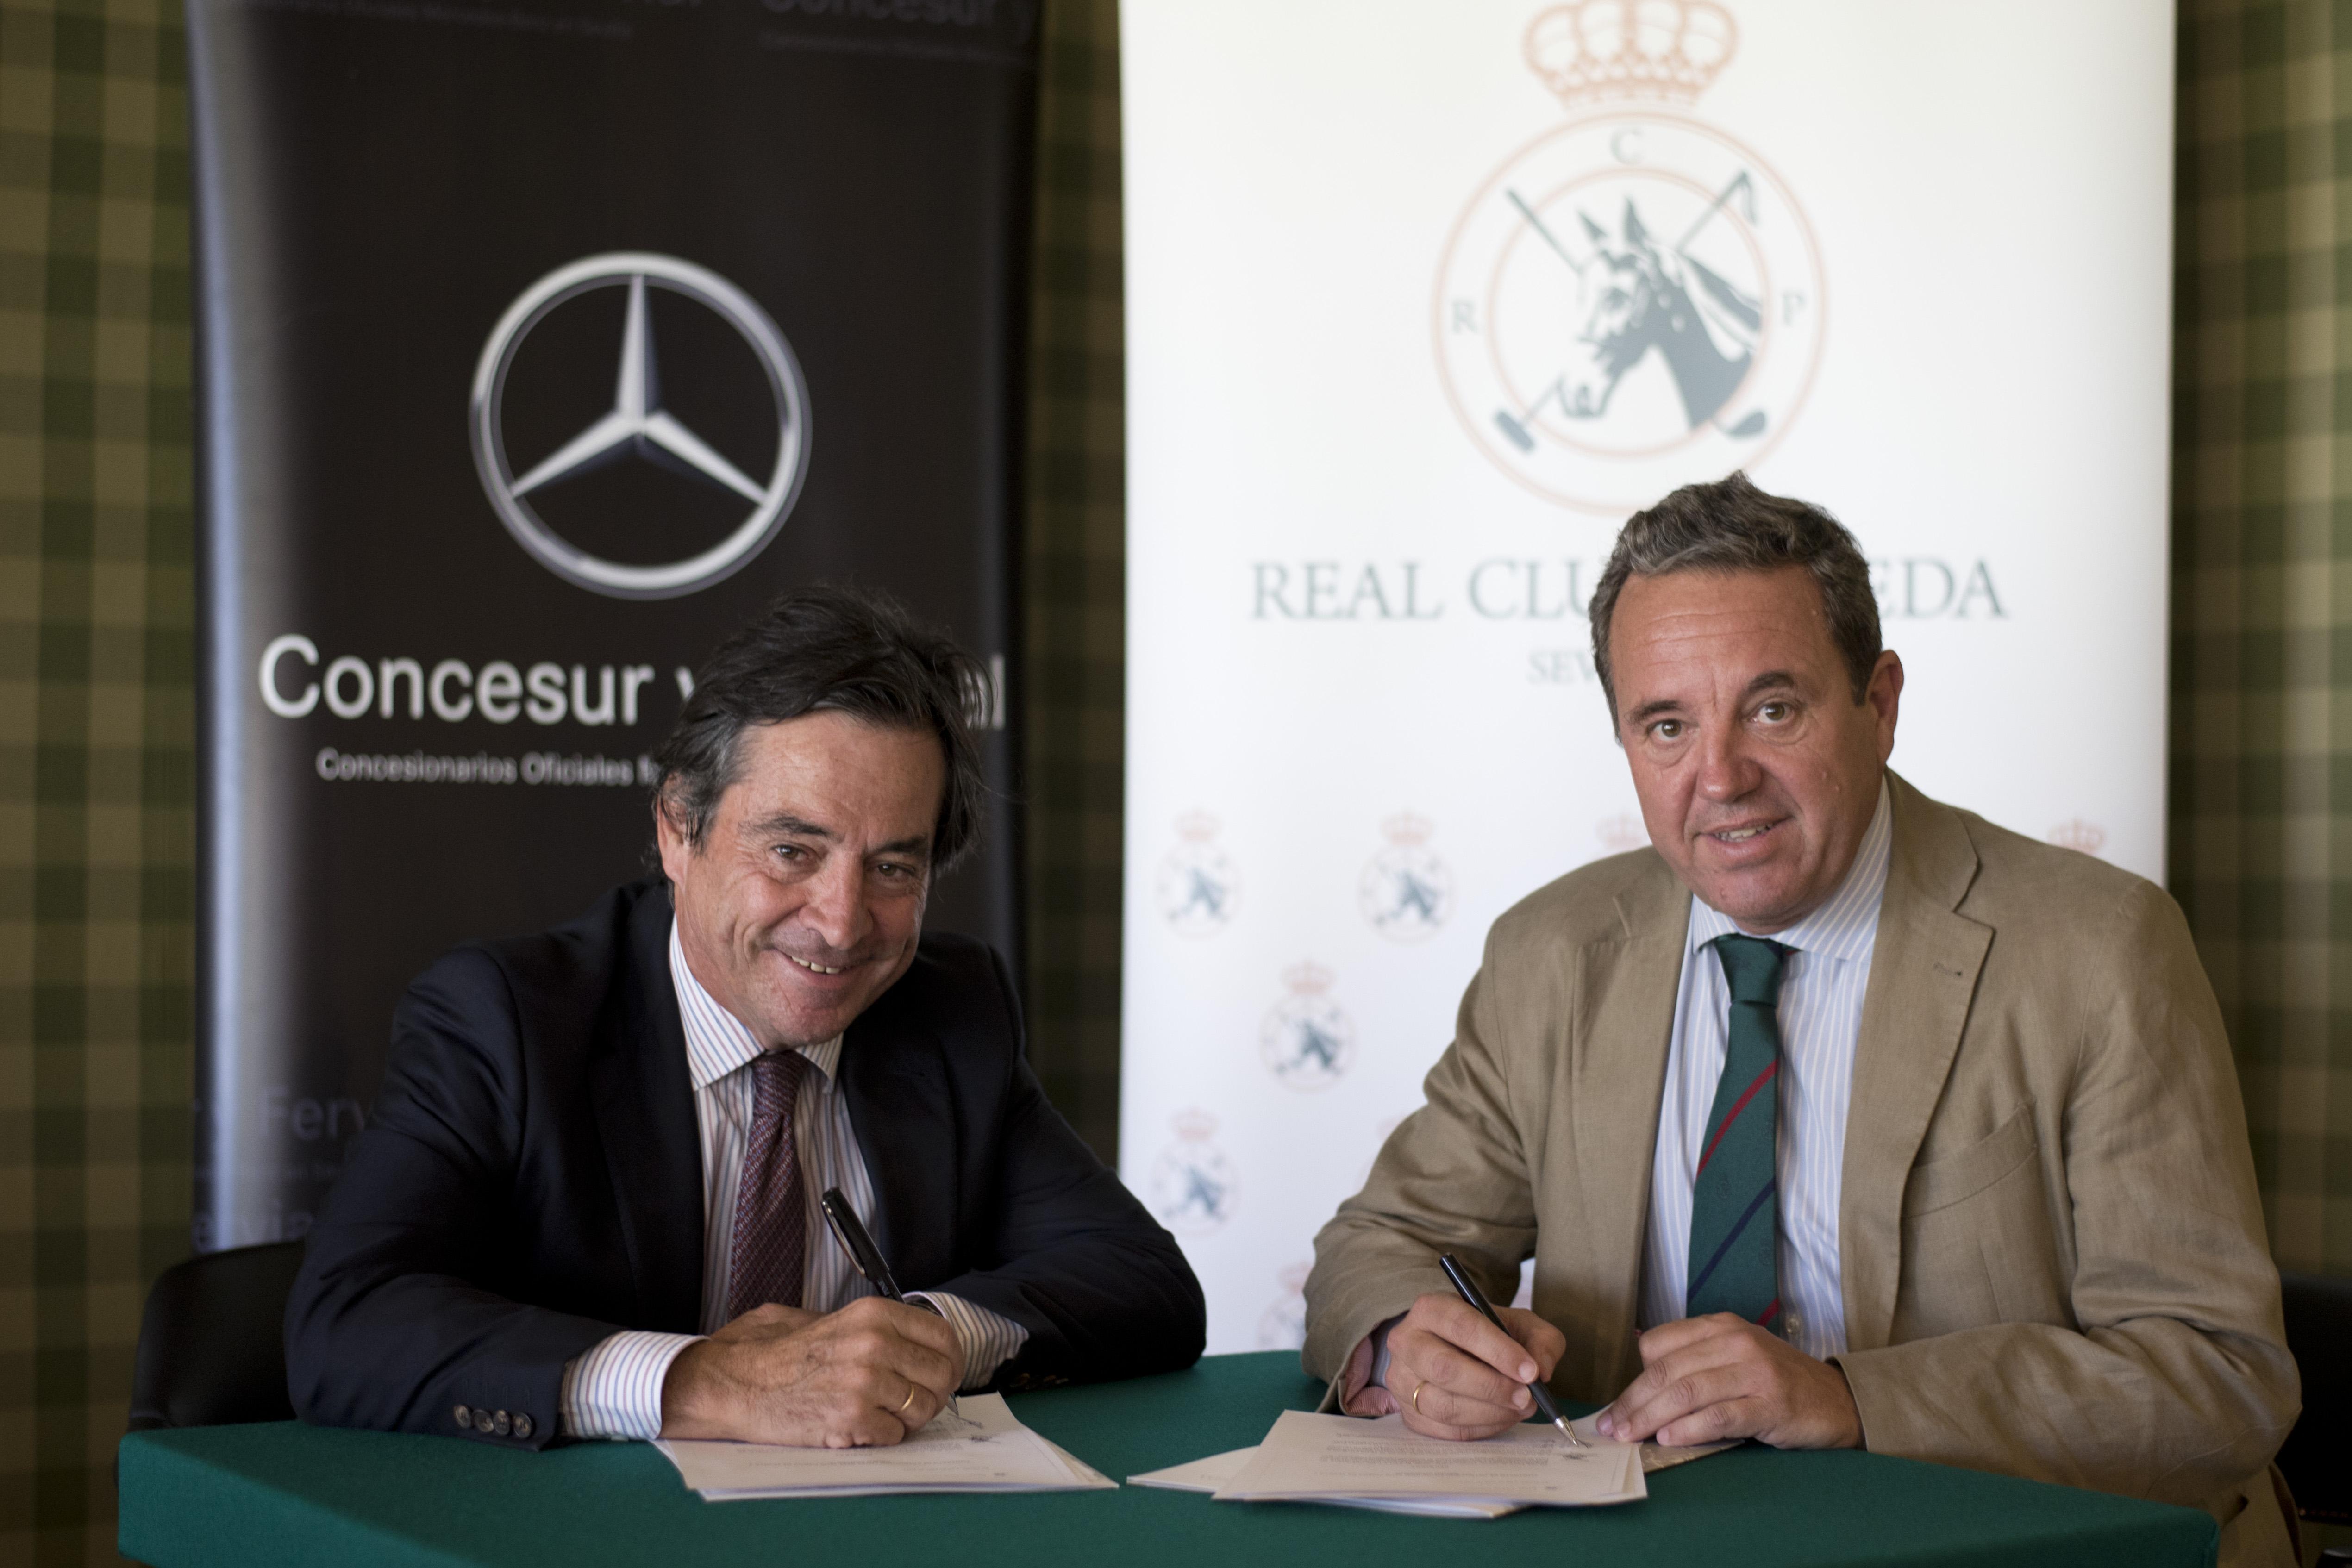 Firma Concesur Mercedes y Pineda